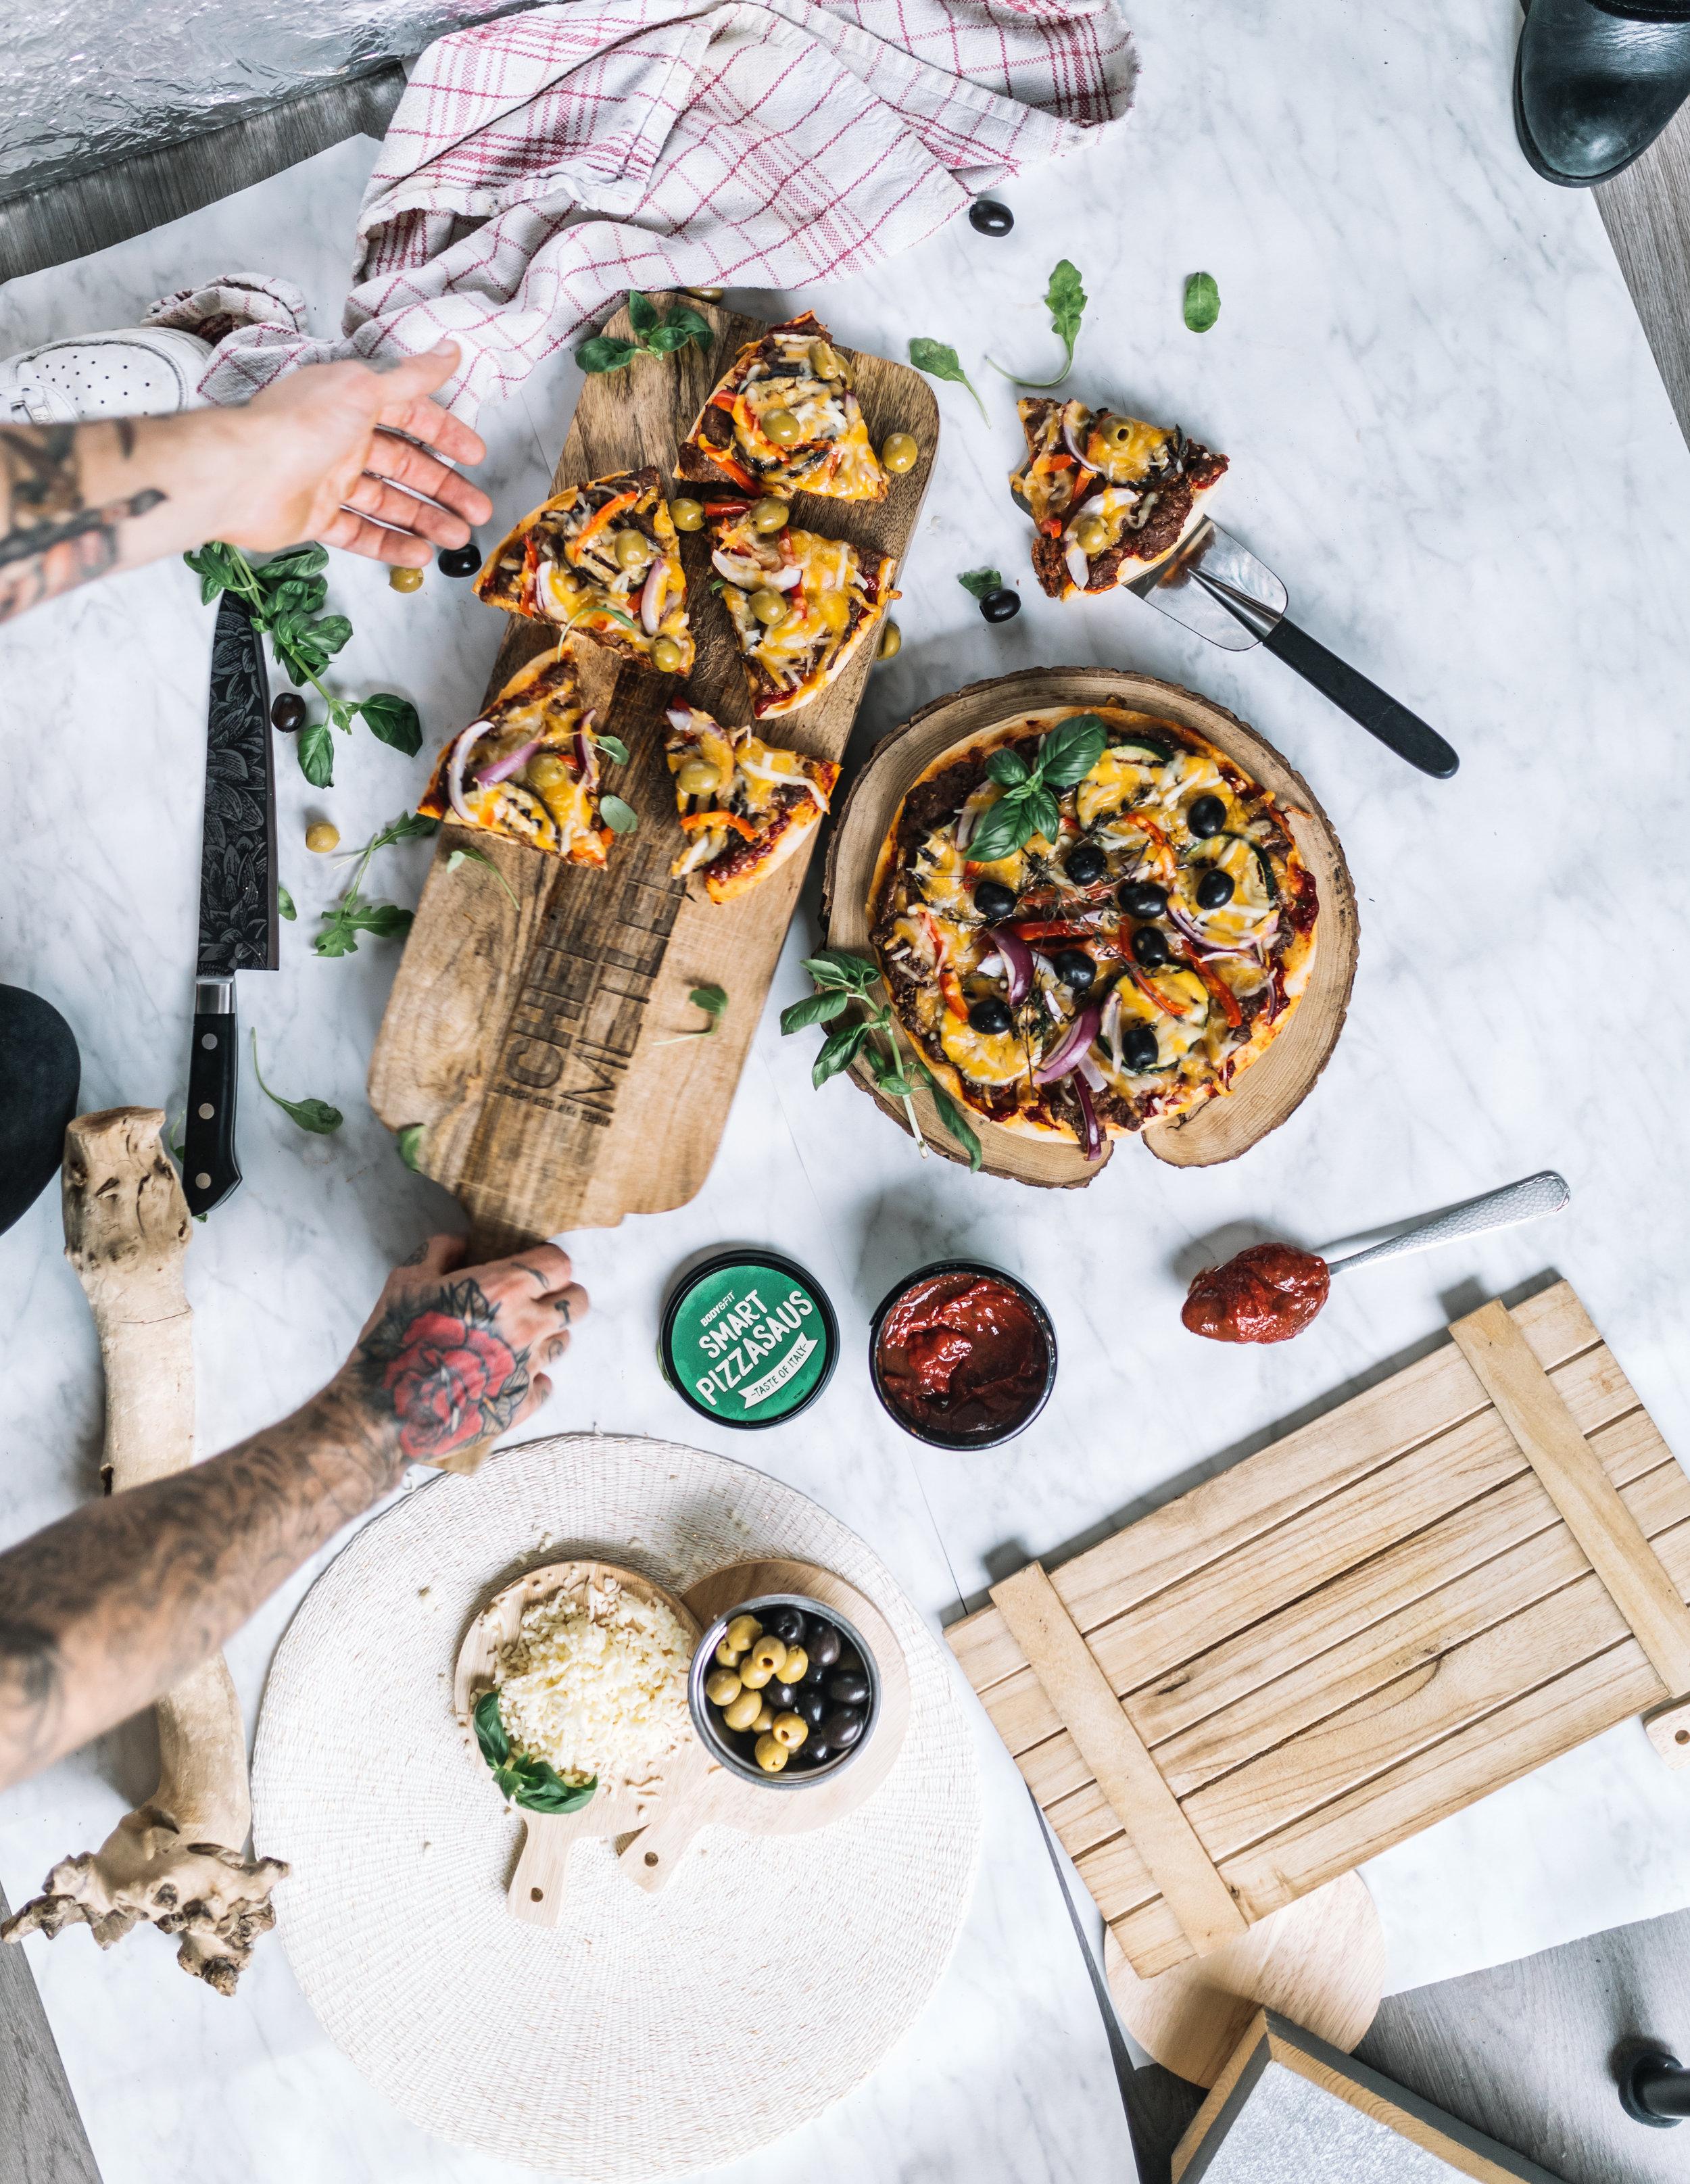 Bloemkool Gehakt Pizza NOV 20179.jpg